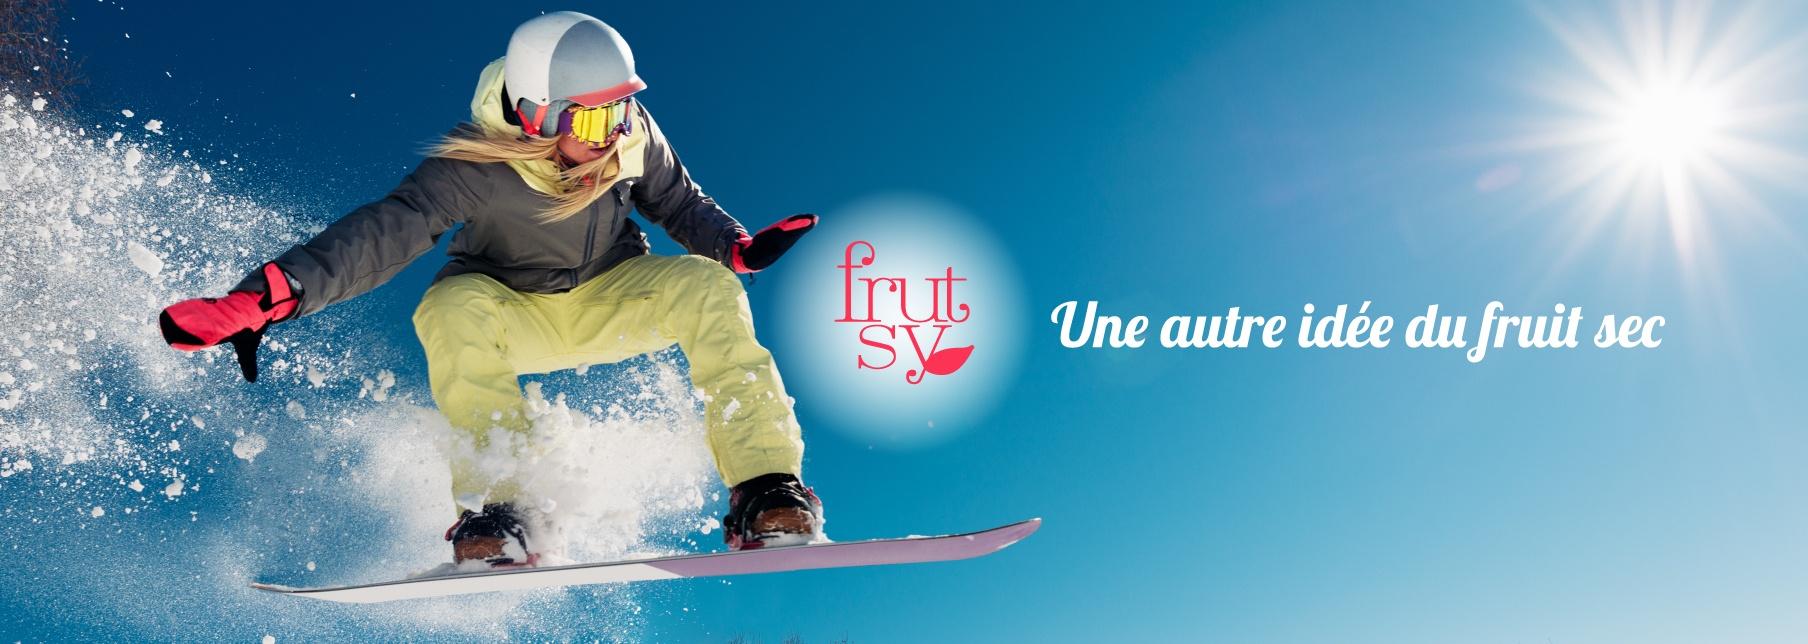 https://www.frutsy.fr/wp-content/uploads/2020/09/une-autre-idee-du-fruits-secs-hiver.jpg